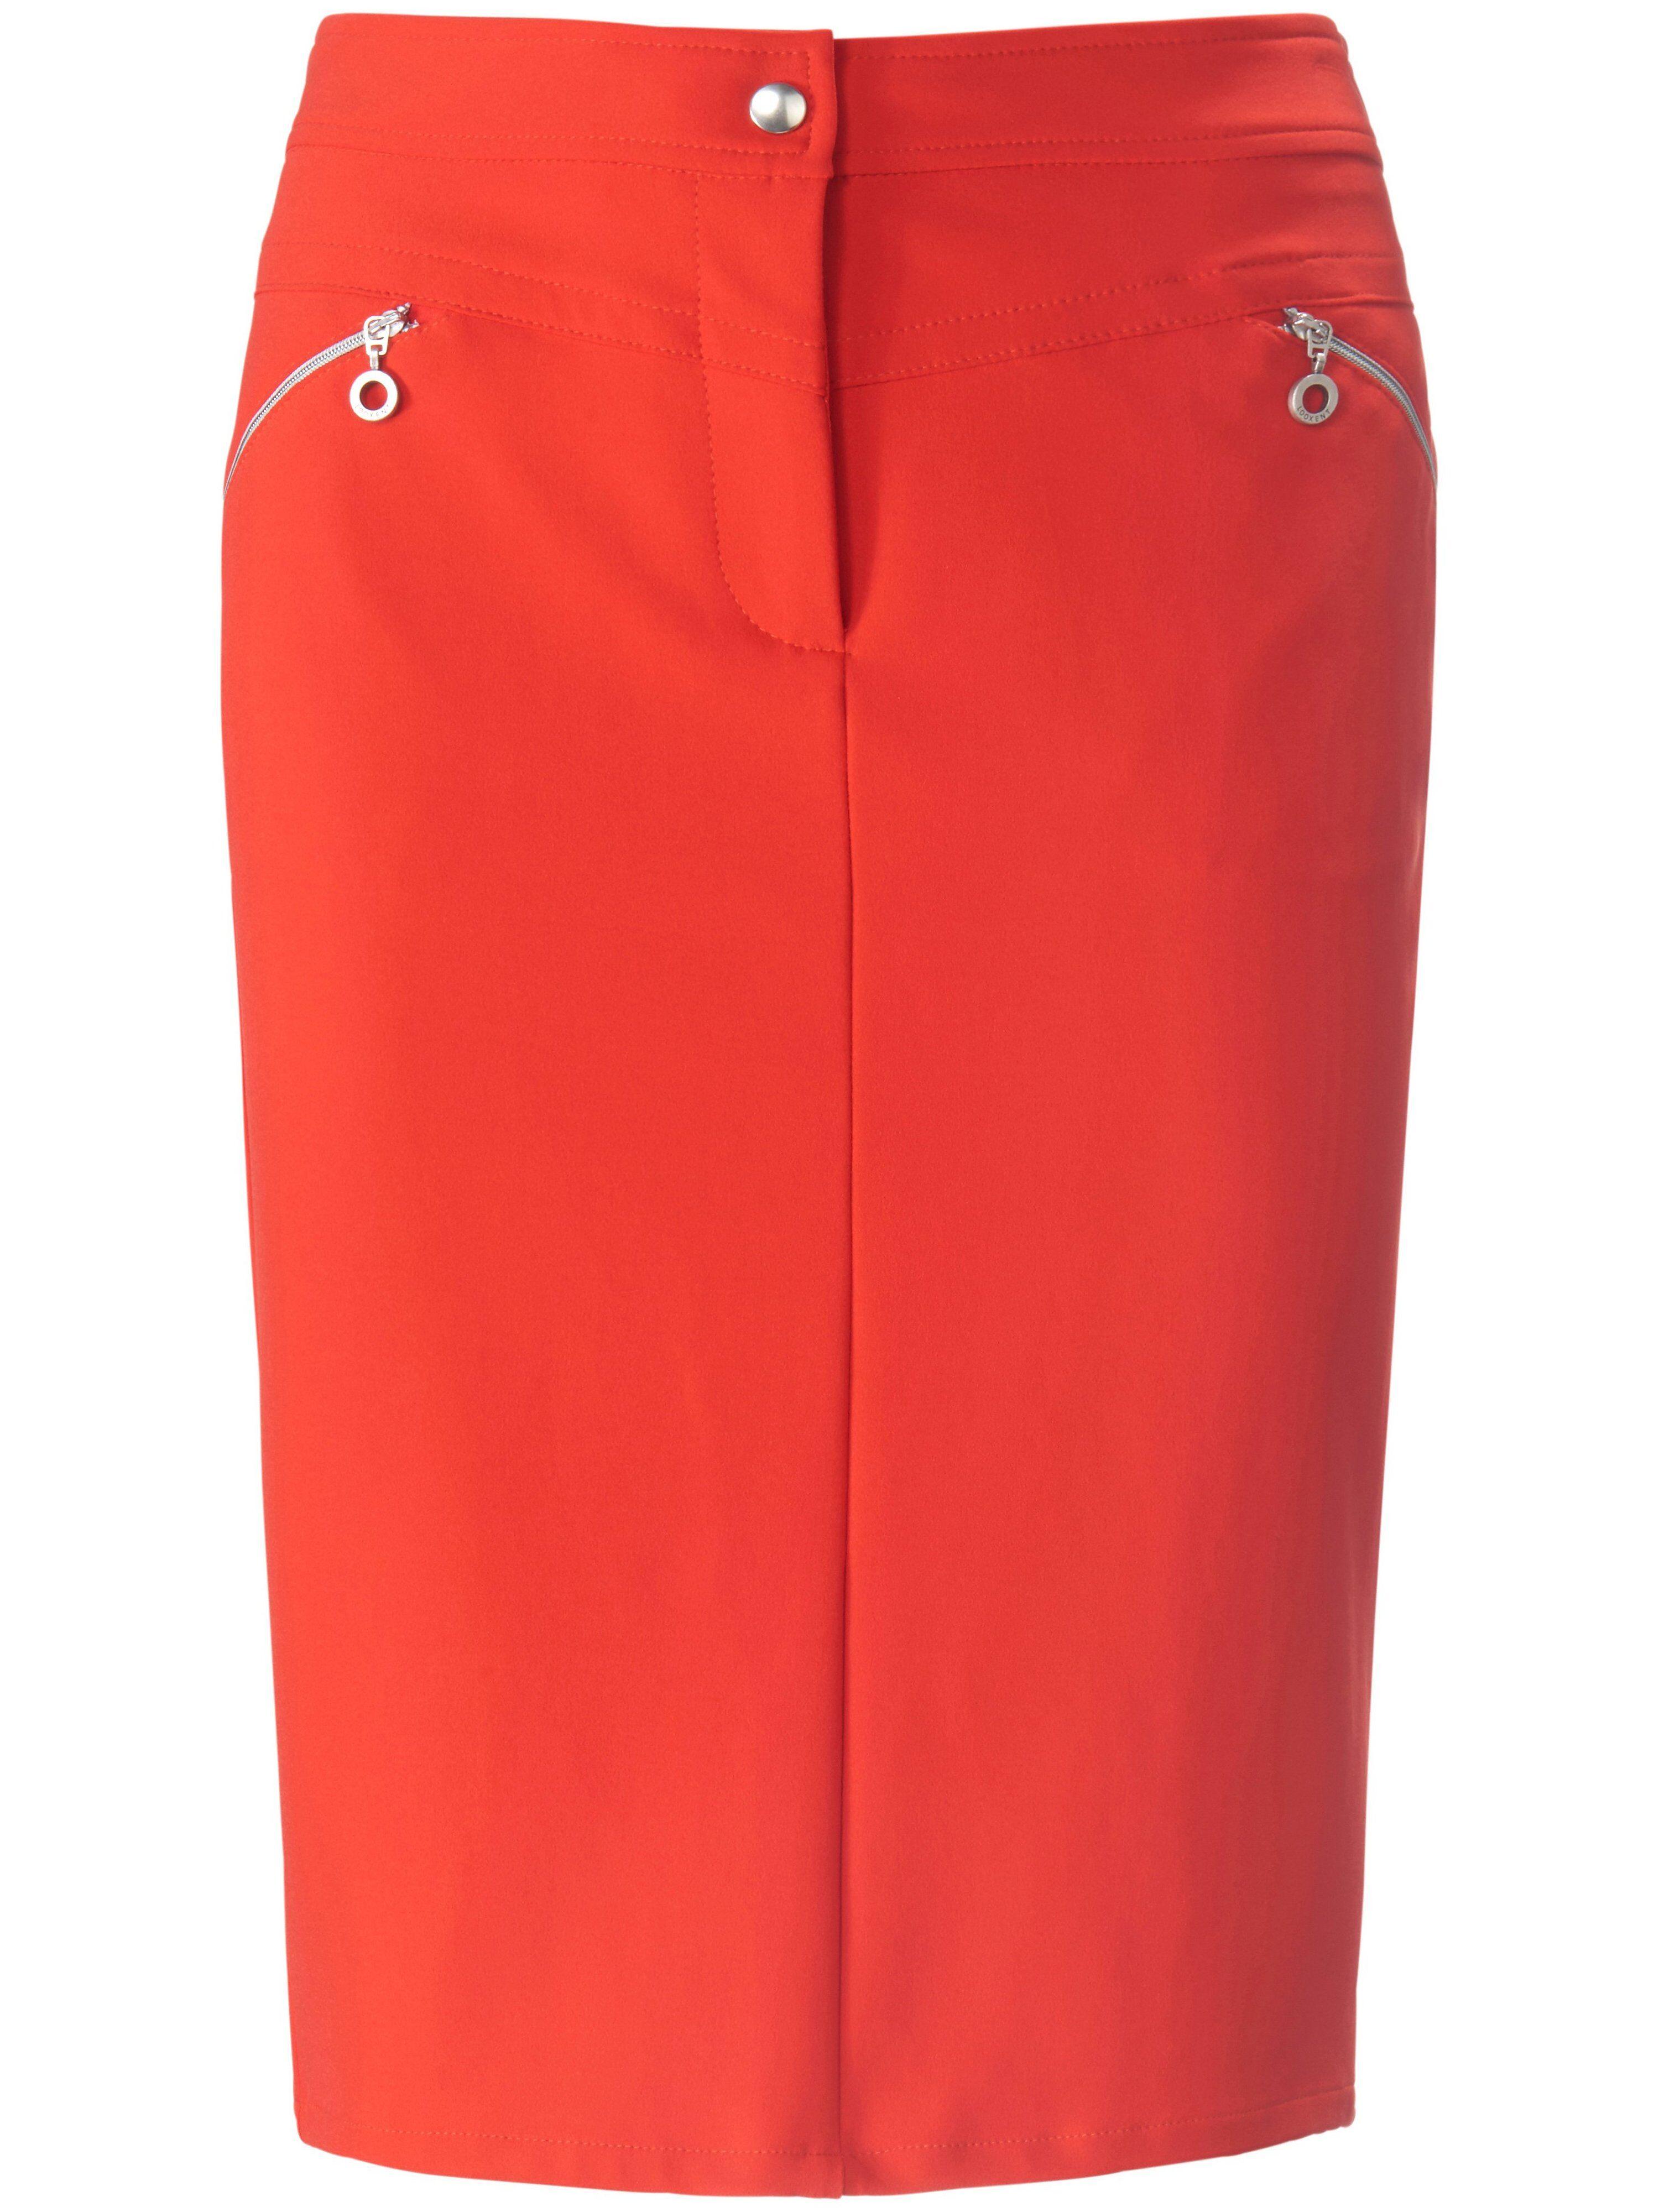 Looxent La jupe ligne droite  Looxent rouge  - Femme - 38